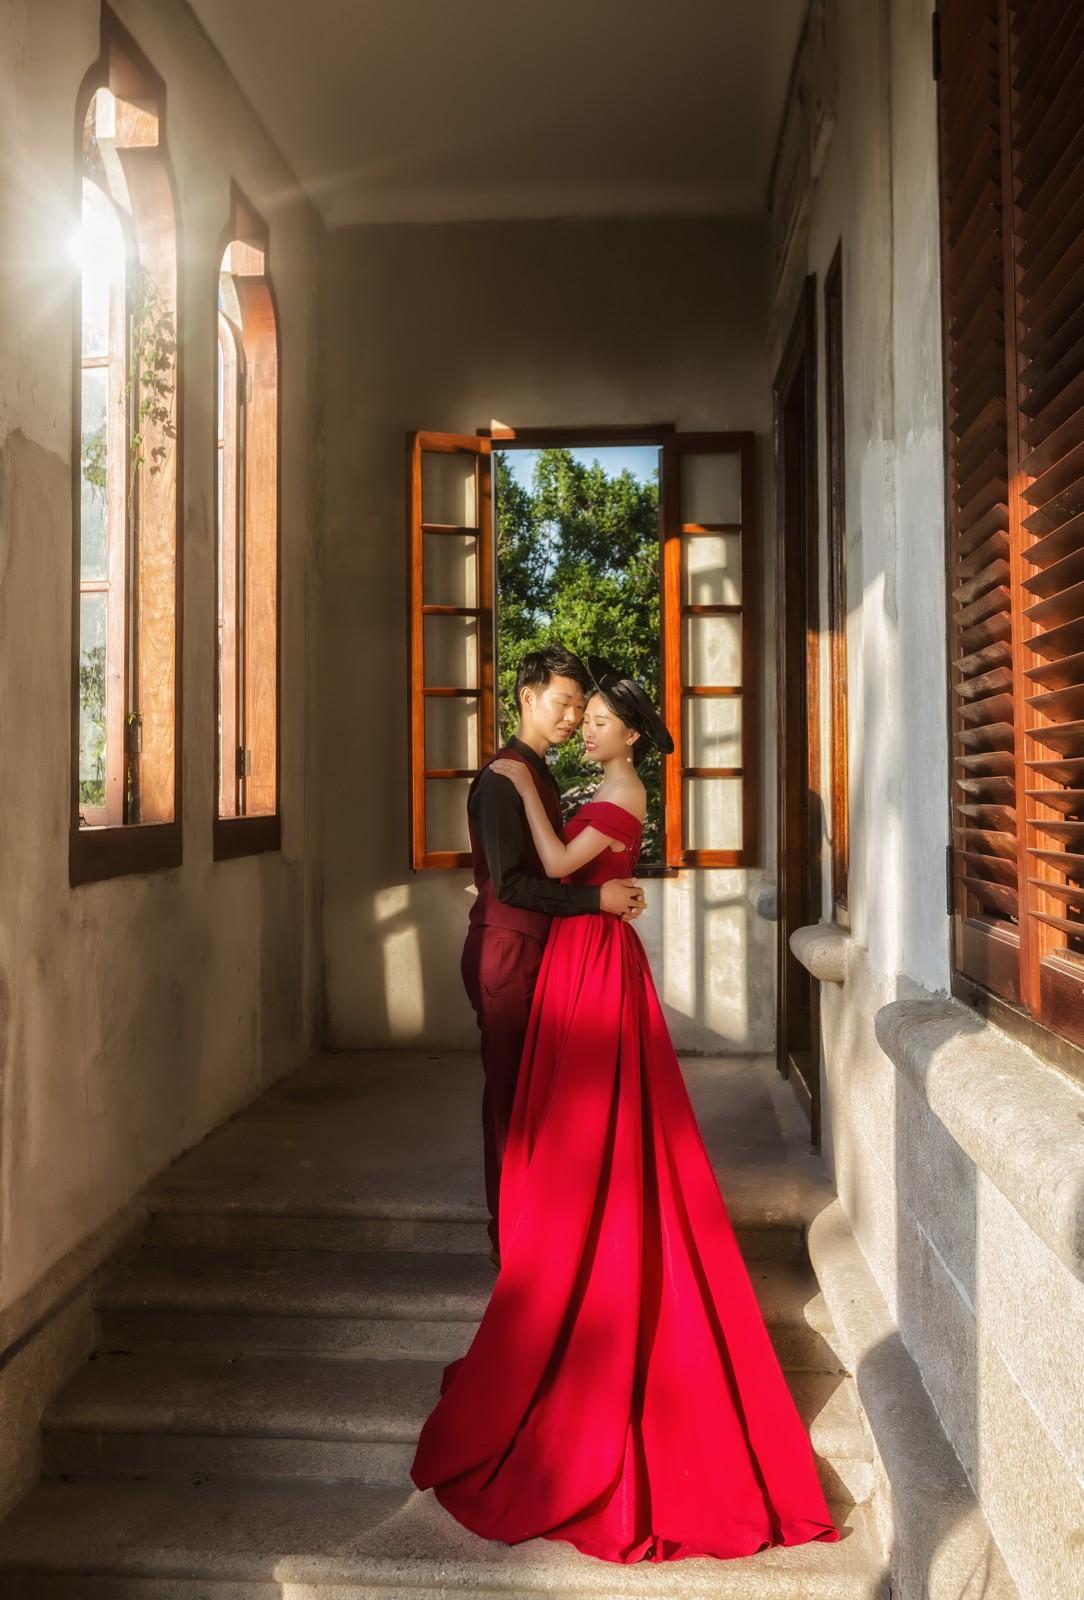 海外婚紗,大陸拍婚紗,海外婚紗推薦,鼓浪嶼婚紗